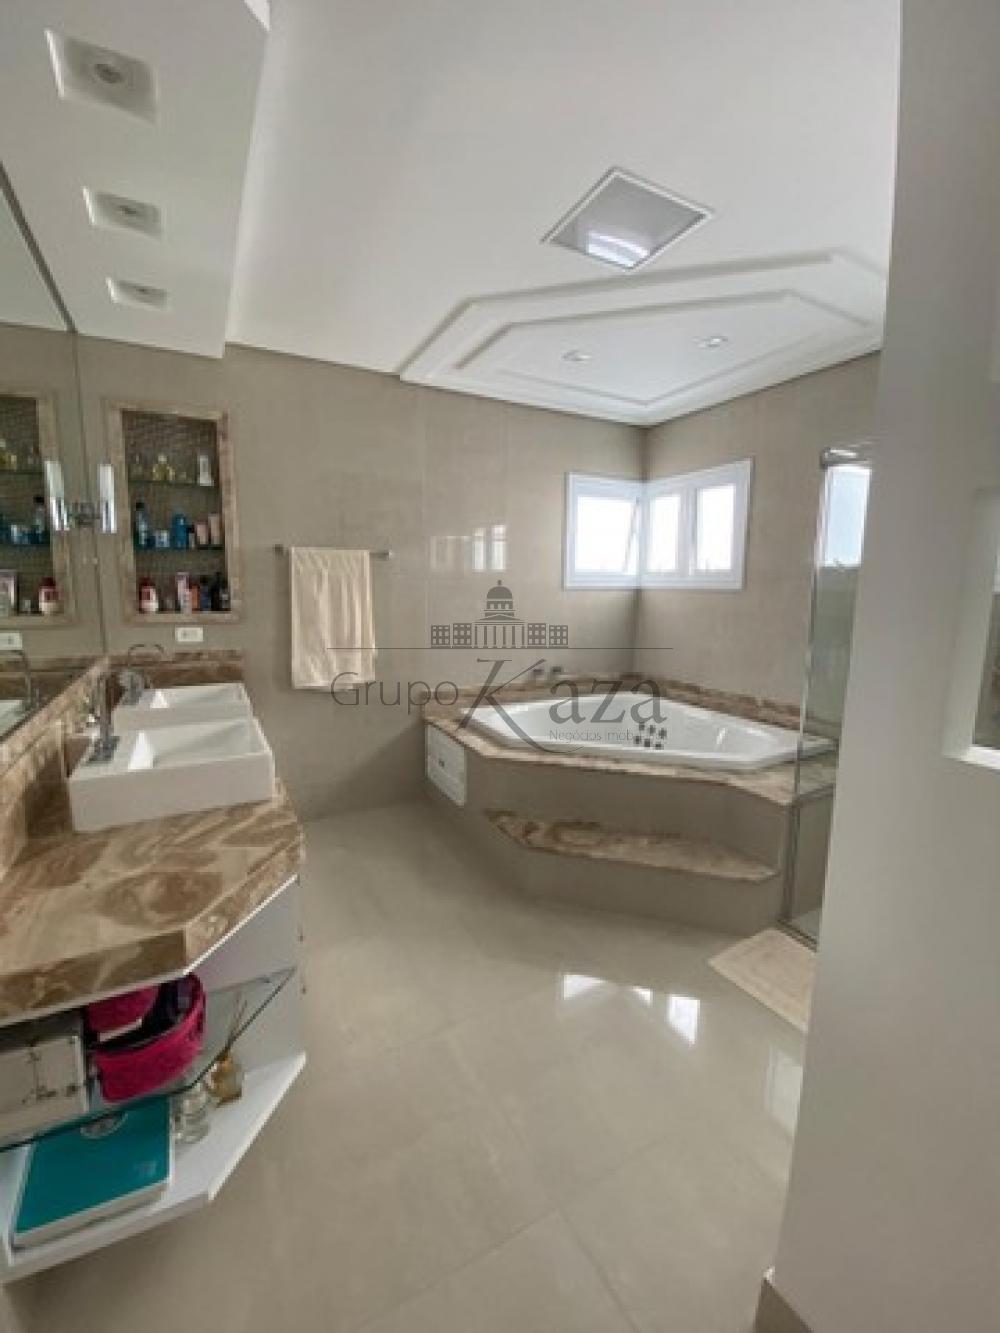 alt='Alugar Casa / Condomínio em São José dos Campos R$ 14.200,00 - Foto 12' title='Alugar Casa / Condomínio em São José dos Campos R$ 14.200,00 - Foto 12'